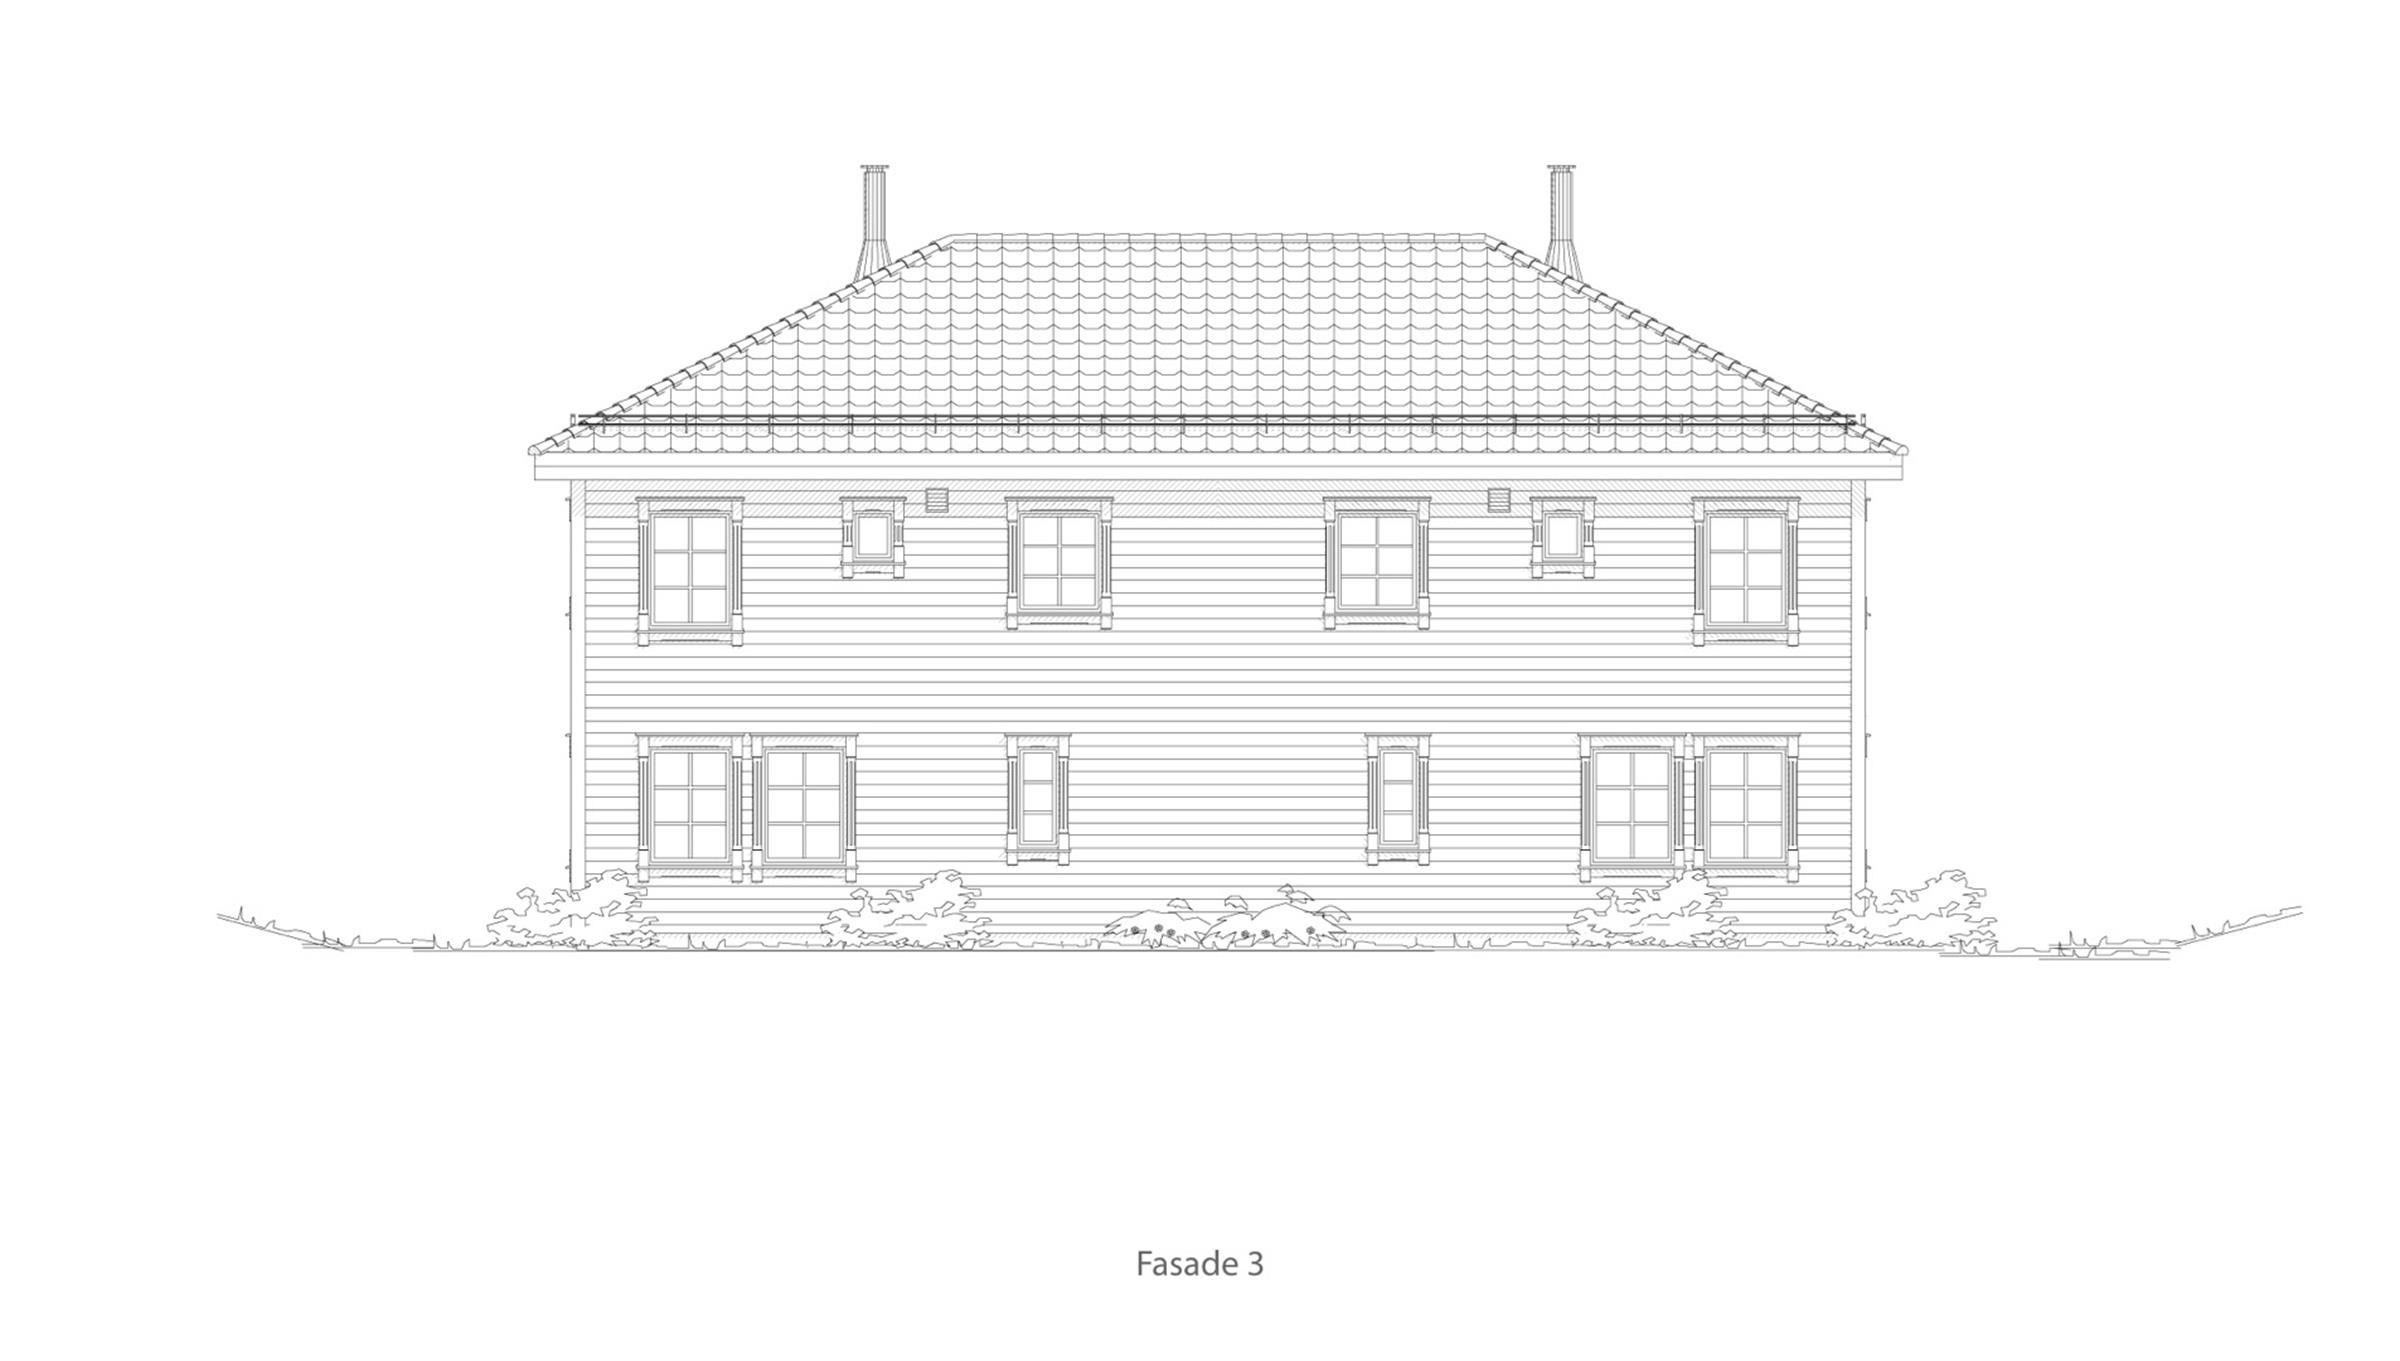 Halden fasade 3